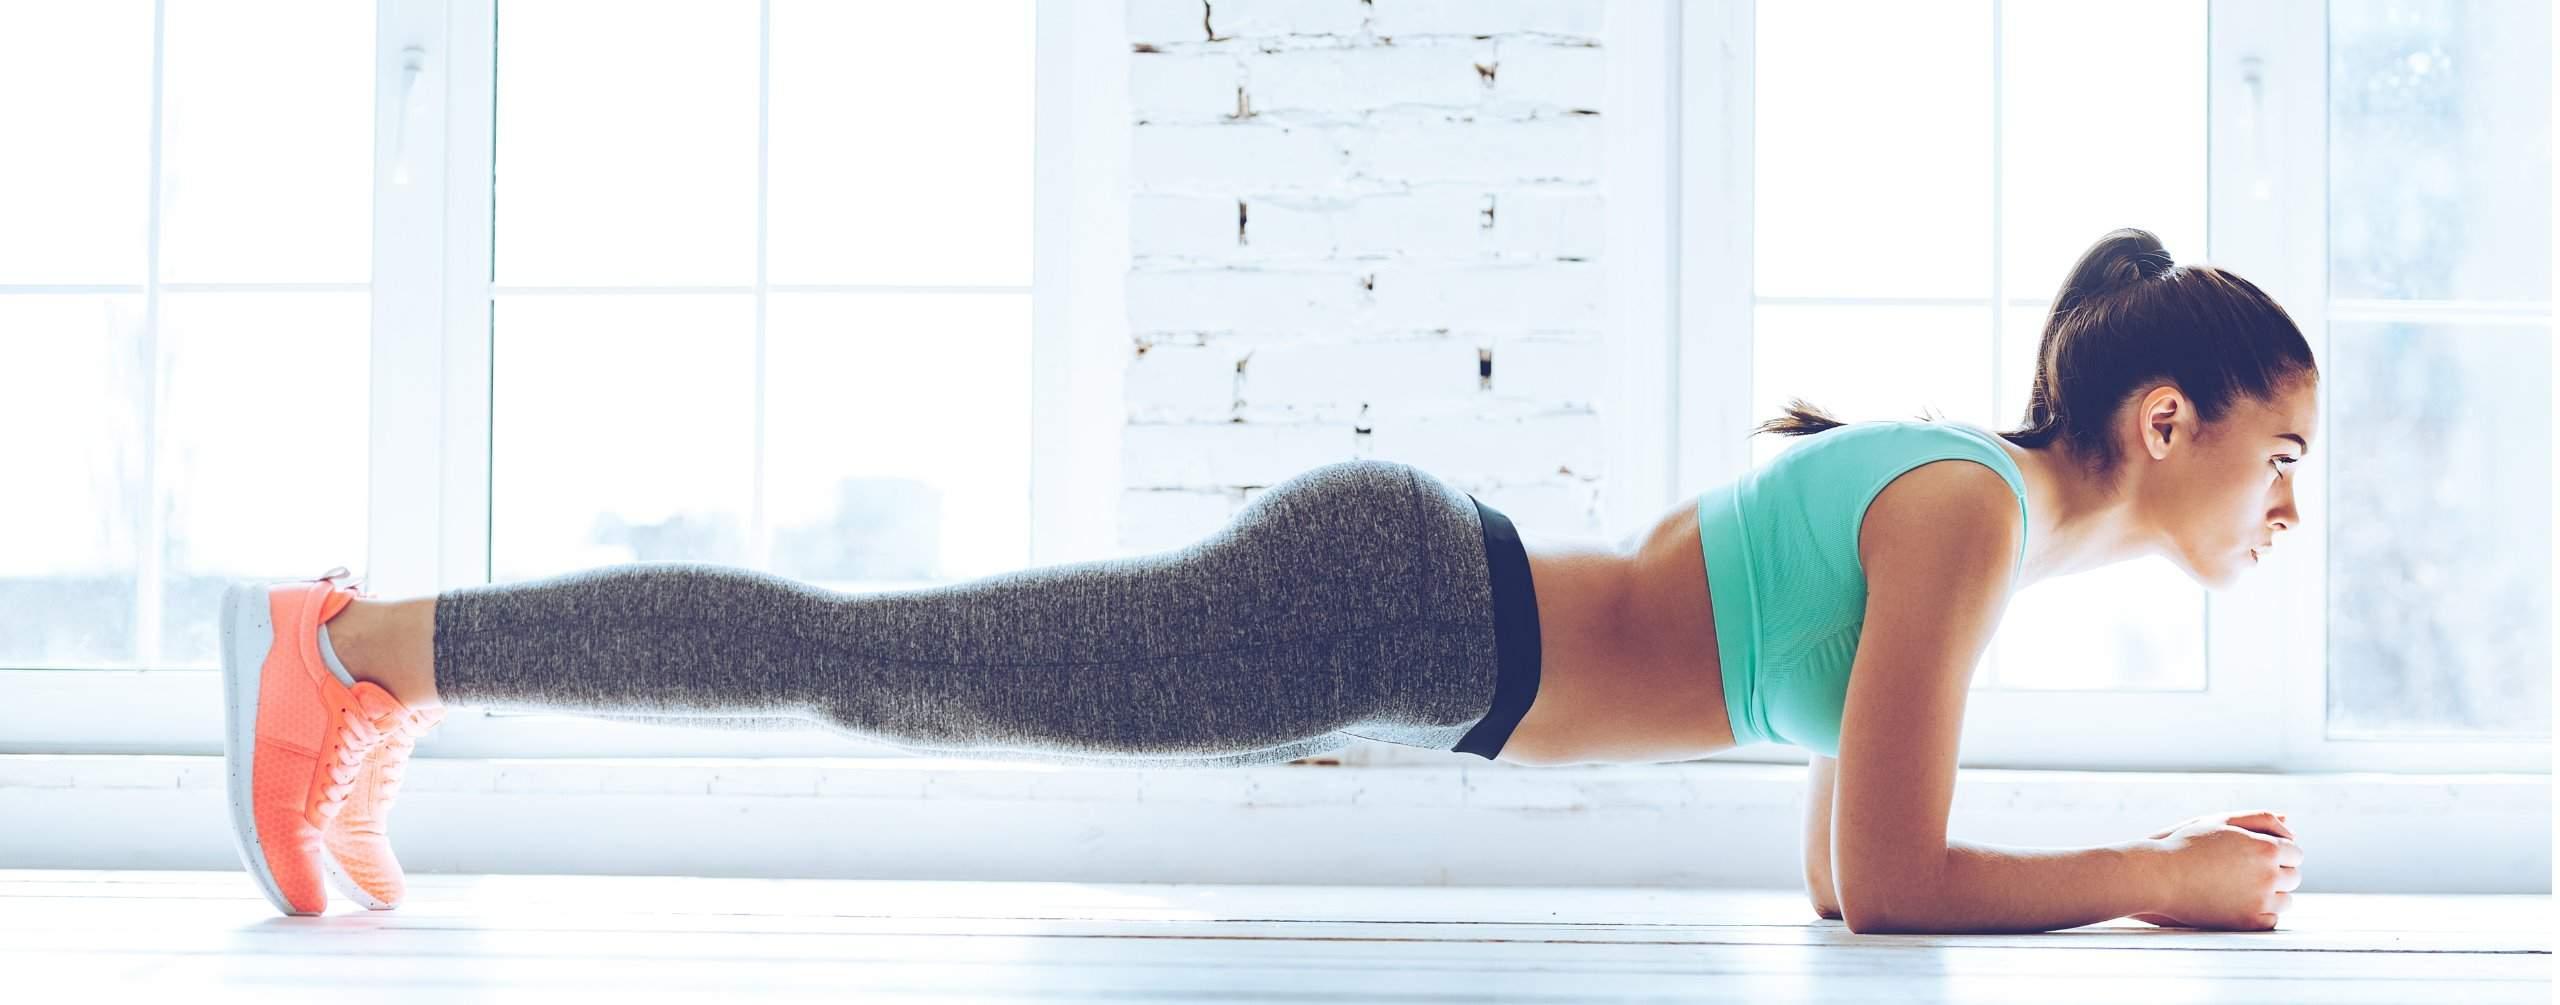 Junge Frau macht zuhause Sport